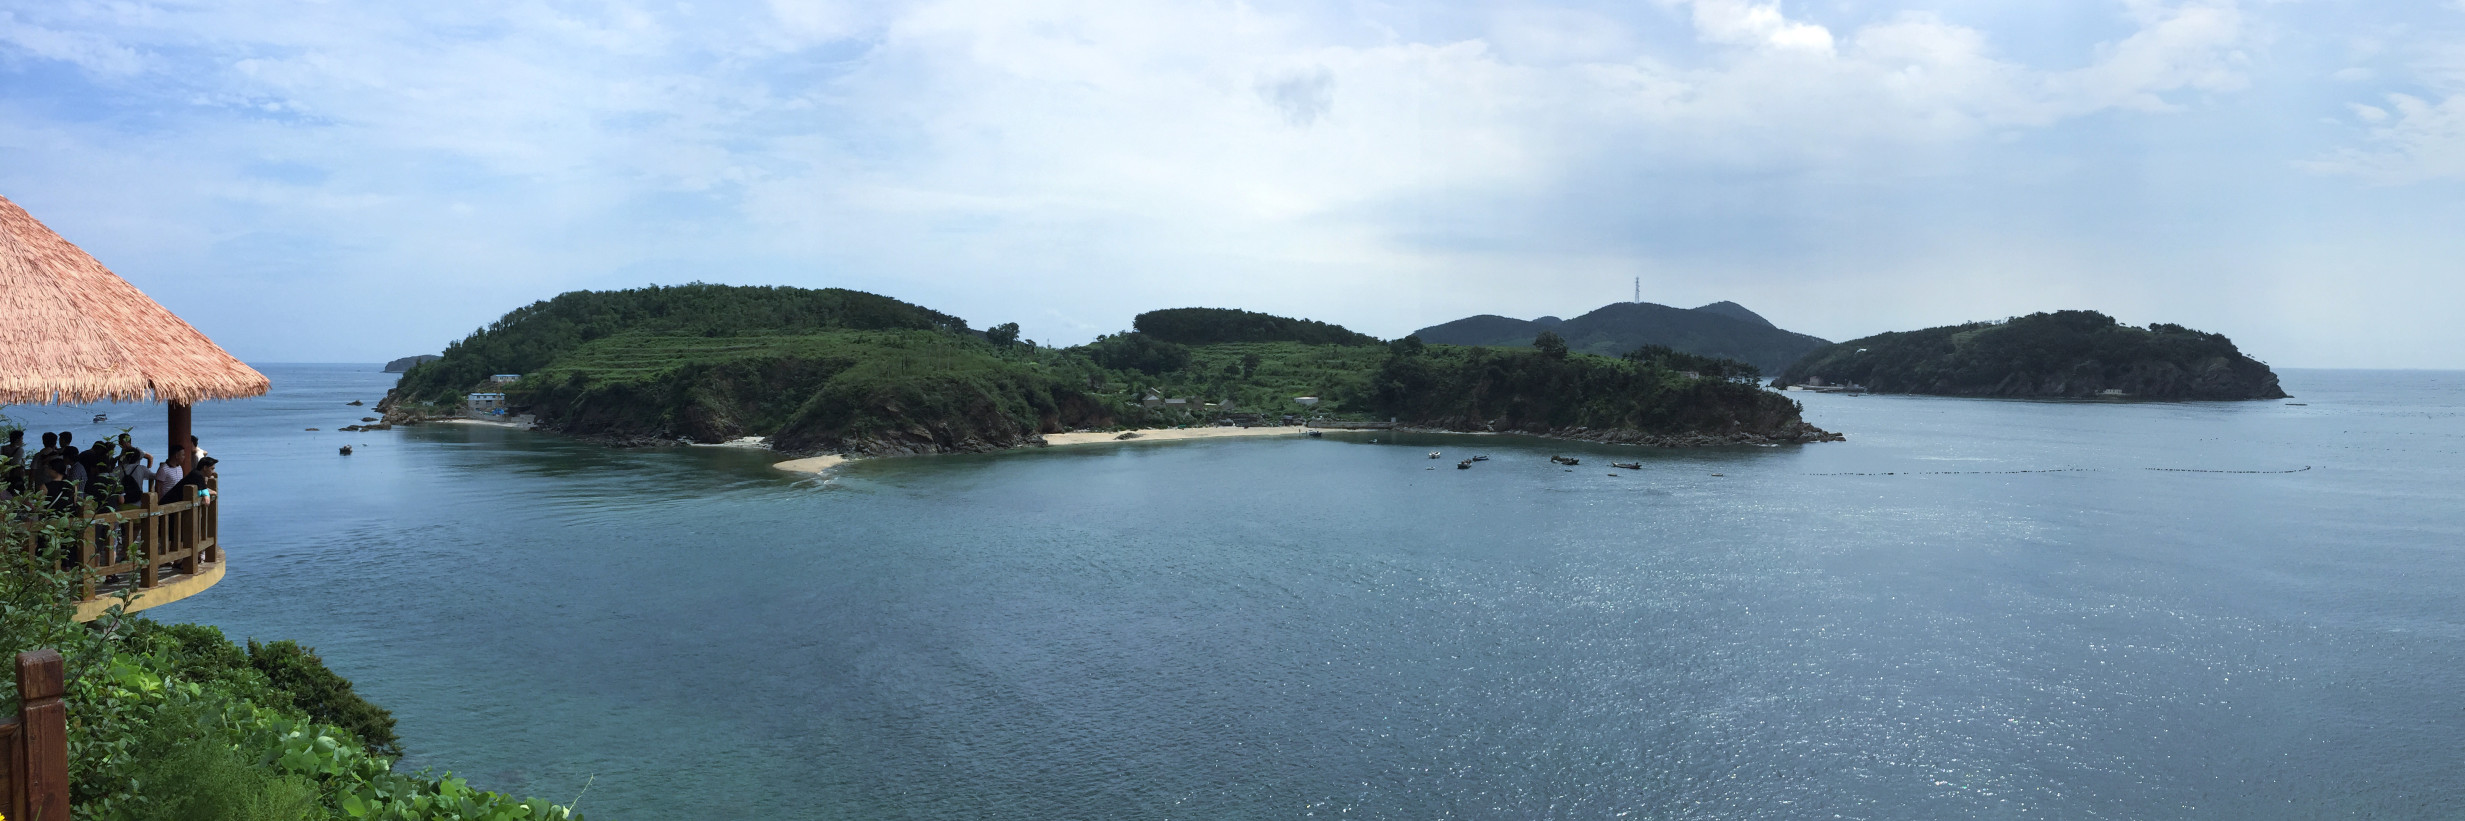 大连大长山岛,小长山岛两日游